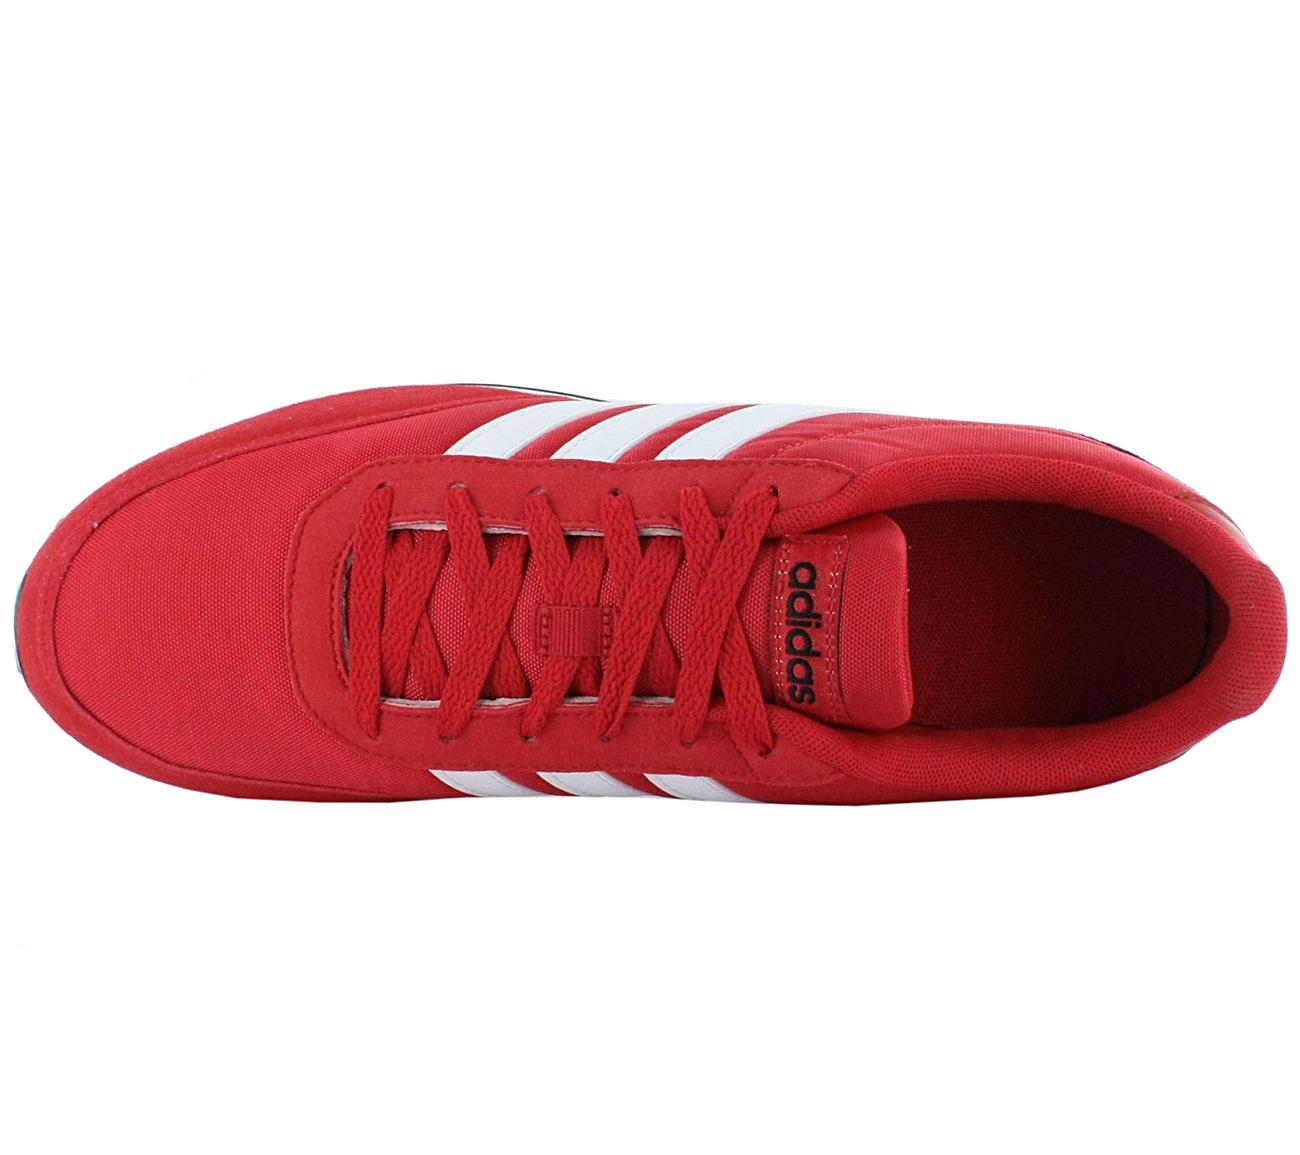 NEU Herren adidas Racer 2.0  Herren NEU Schuhe Rot BC0108 SALE db58f7